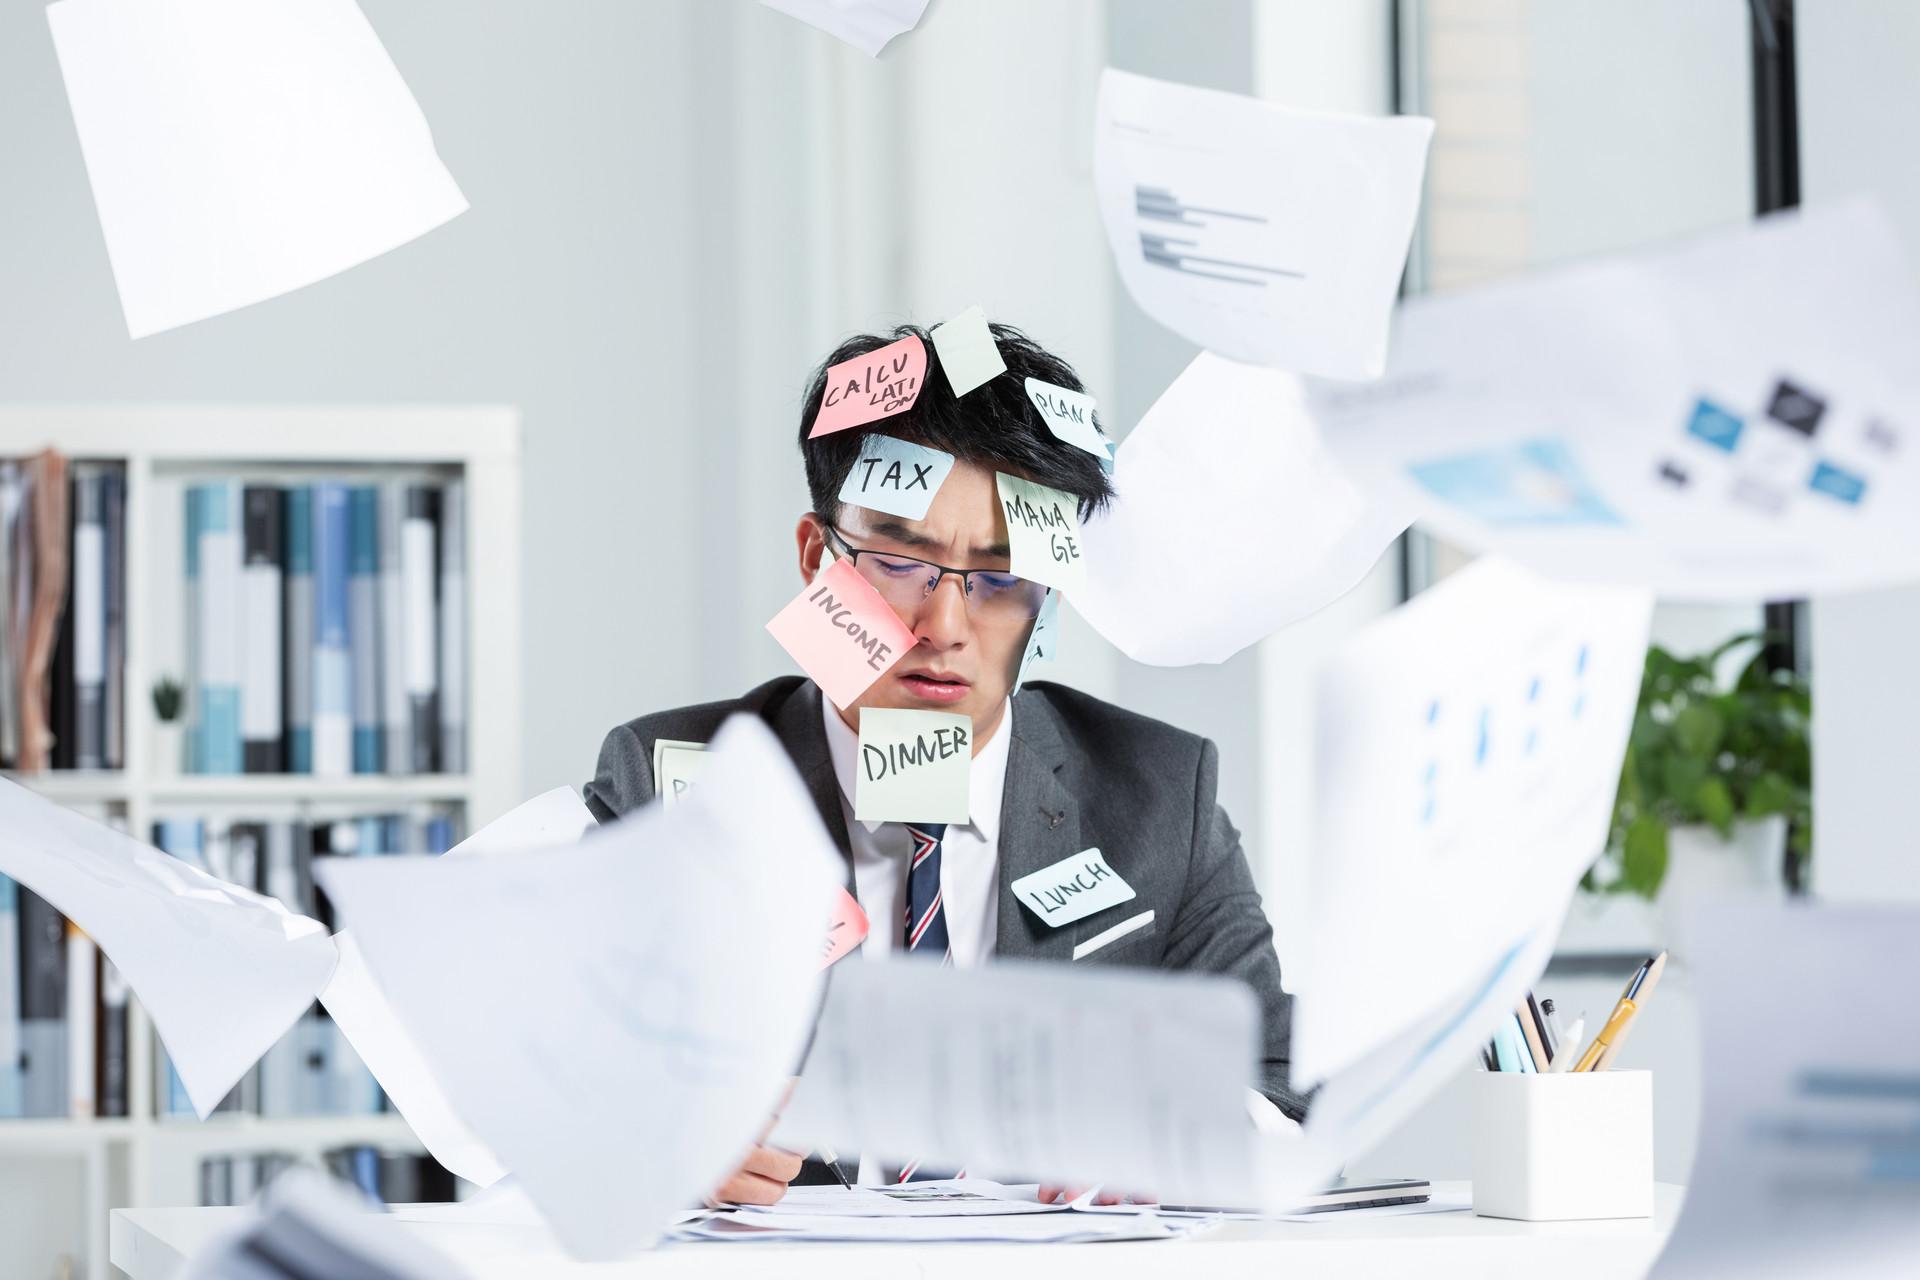 制作工资条有哪些方法?那种比较好用?